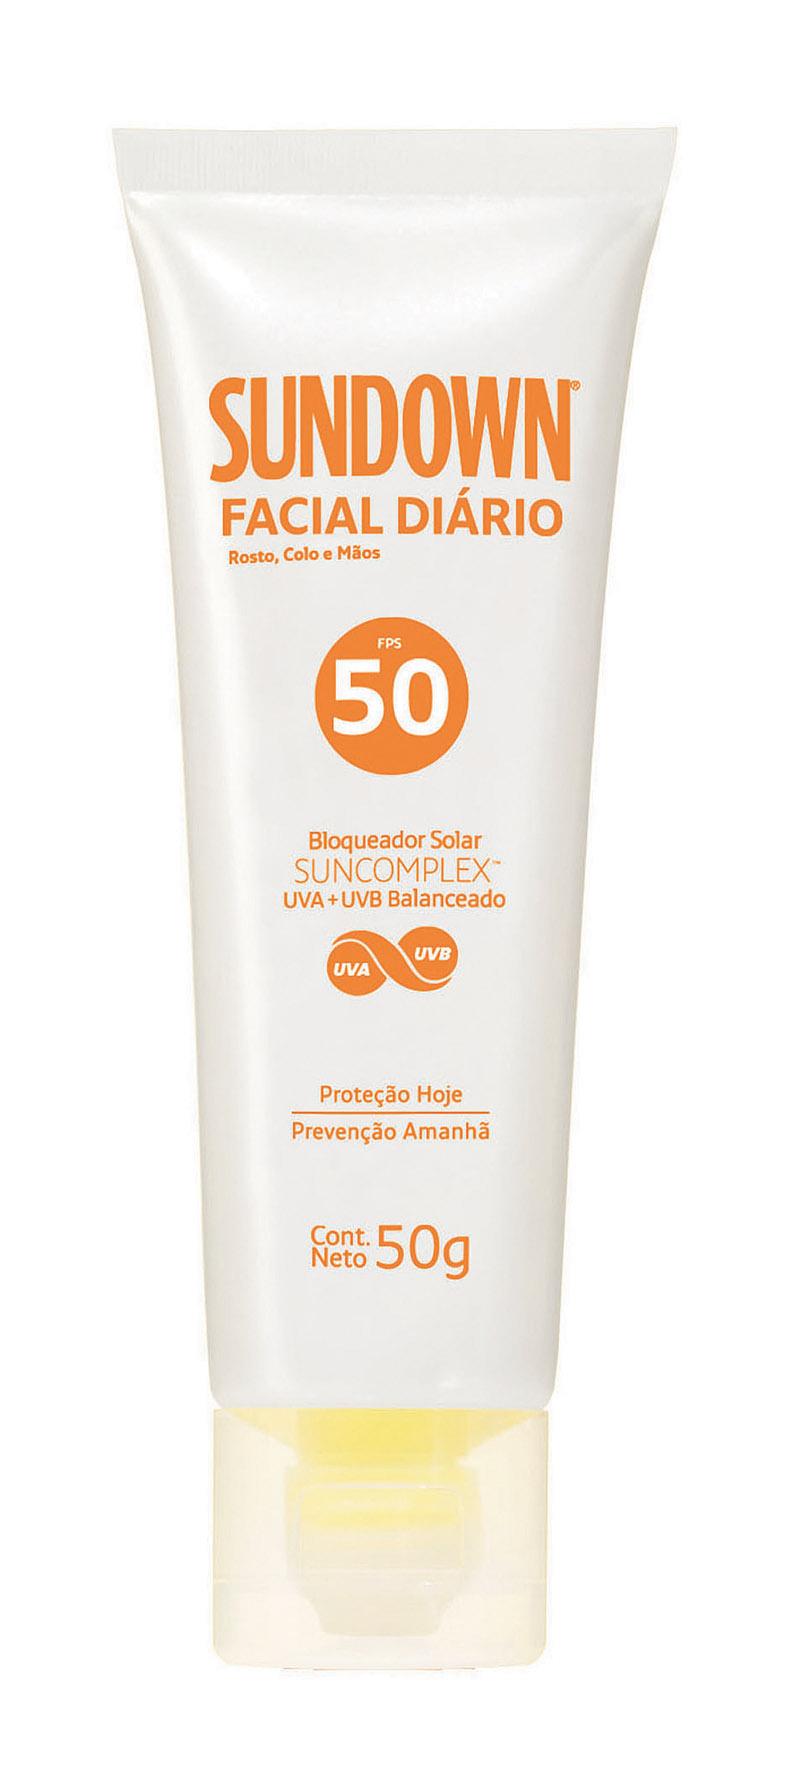 """Solar - """"Adoro tomar sol, passo protetor 50 no rosto e colo e 30 no resto do corpo, uso o Sundown ou o Nívea mesmo. Quando viajo para fora compro protetores diferentes"""""""